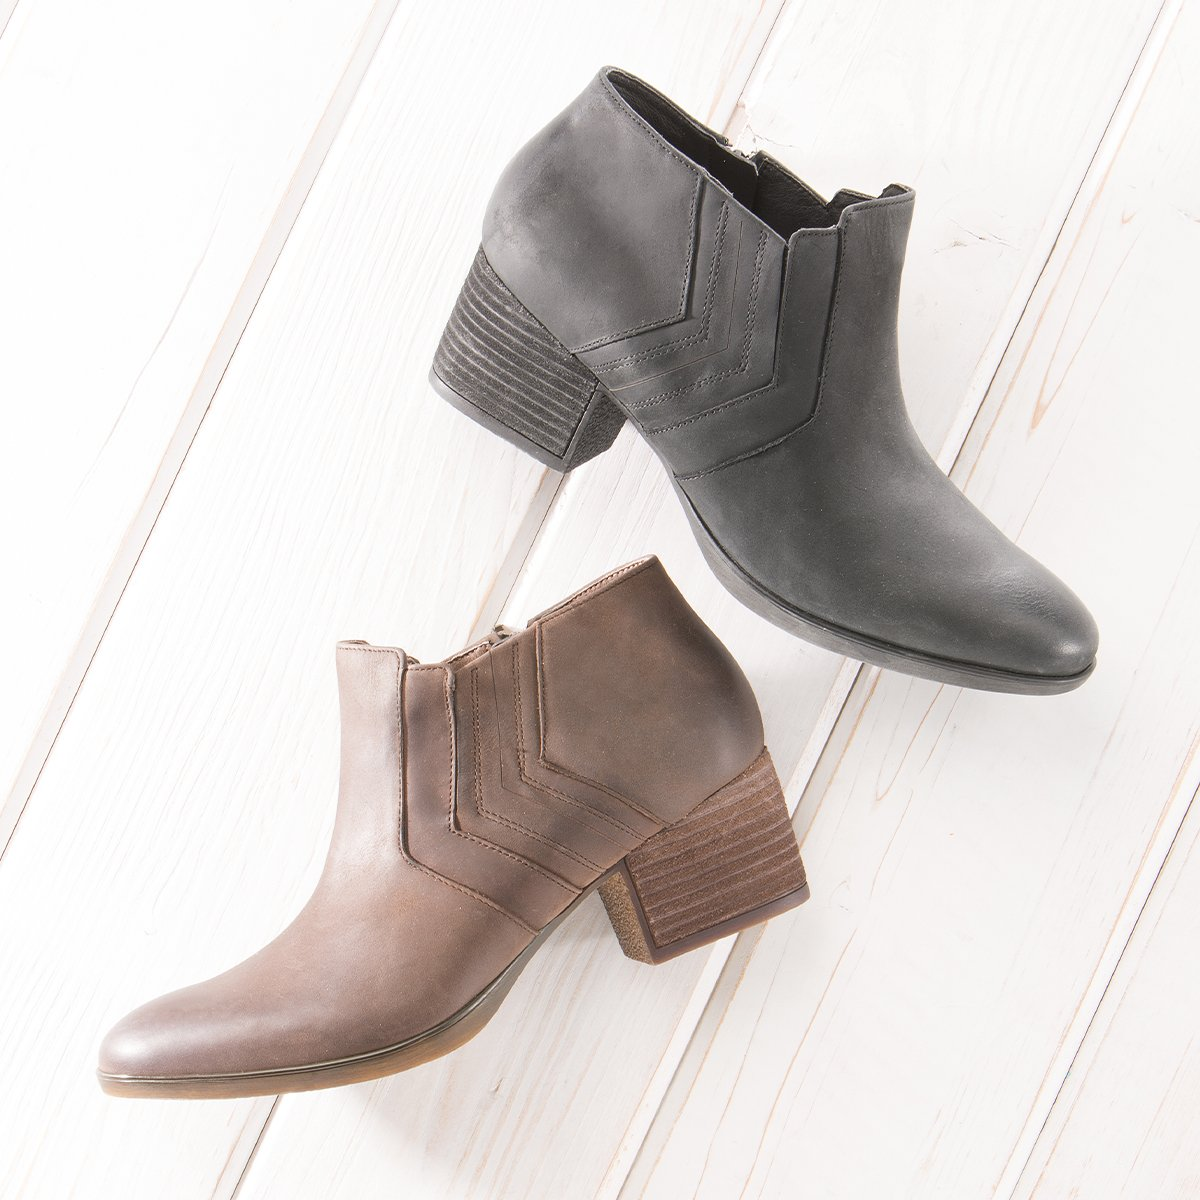 543e2869be6 Abeo footwear on twitter jpg 1200x1200 Abeo shoes